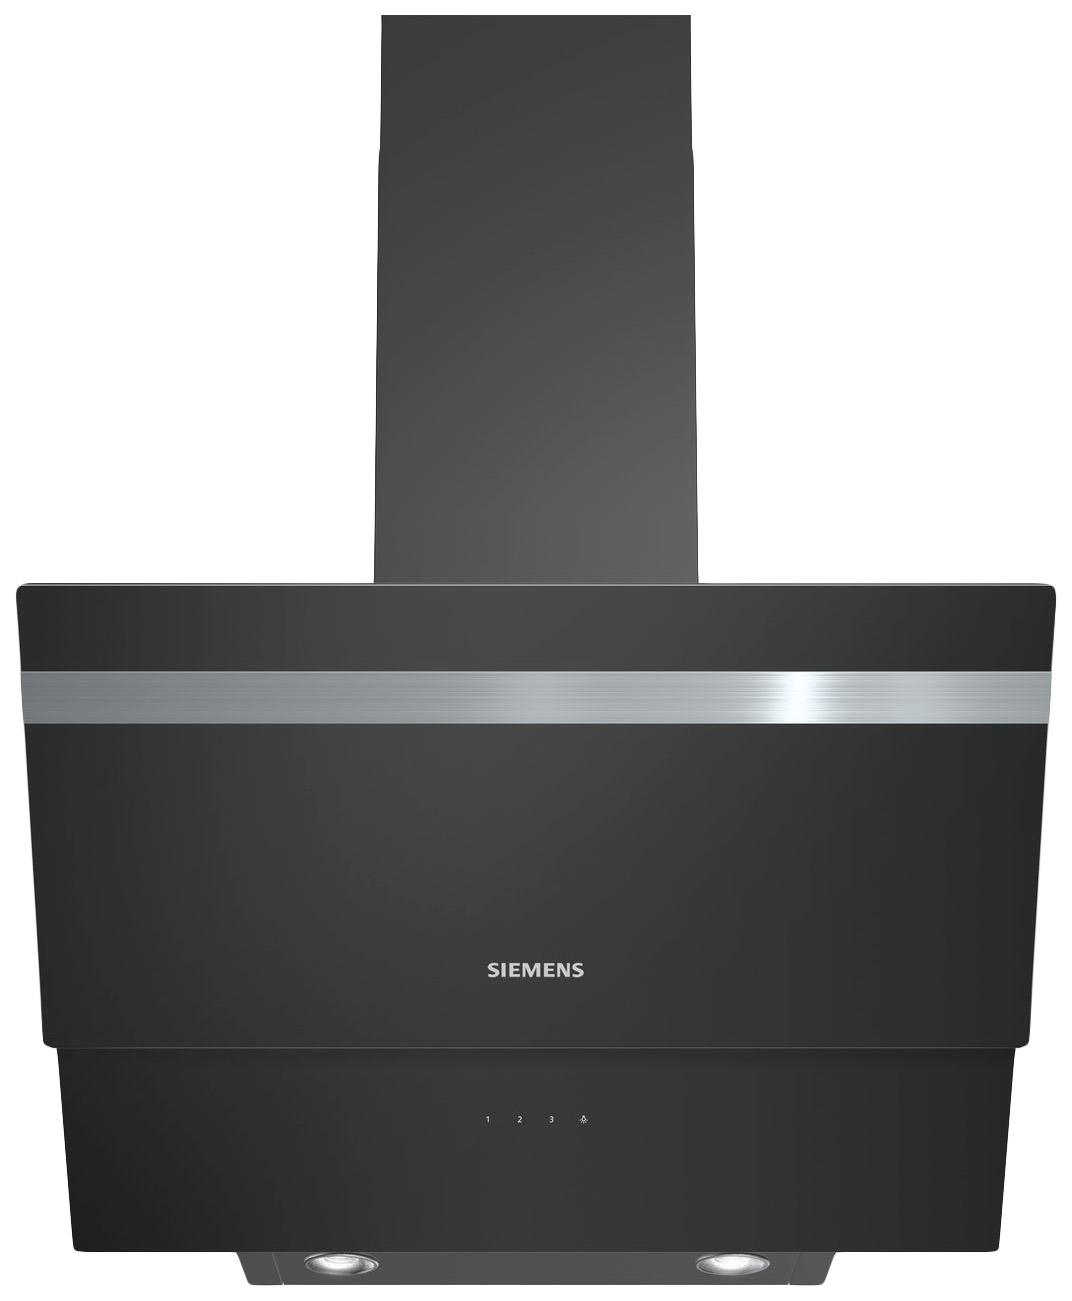 Вытяжка наклонная Siemens LC65KA670R Black/Silver